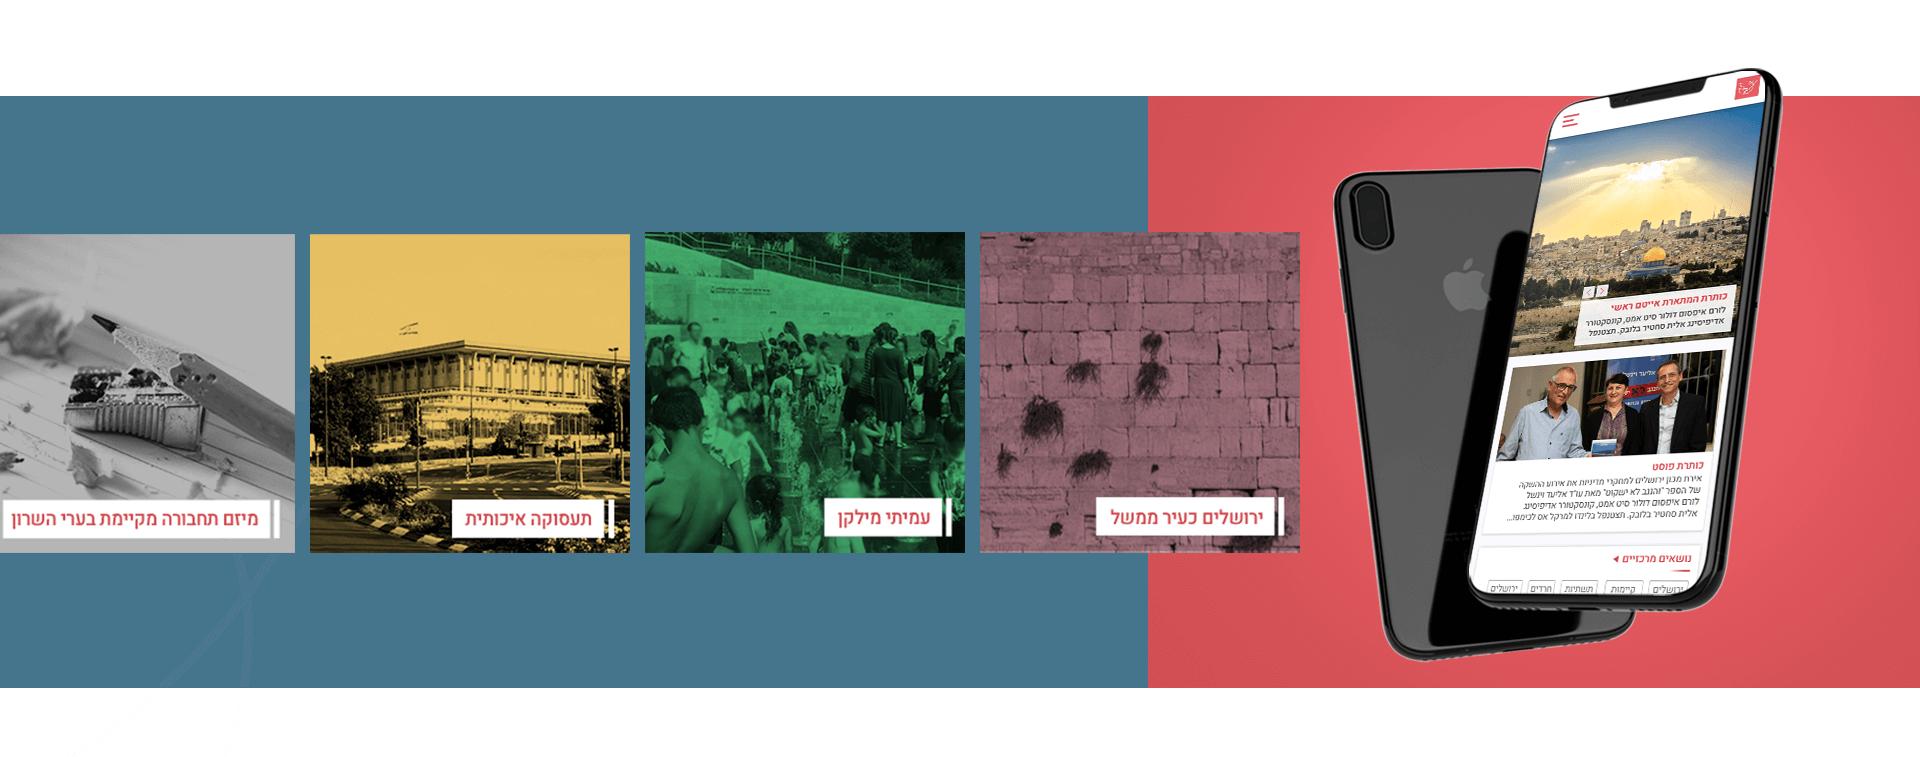 באנר מכון ירושלים שורת קטגוריות והדמיית מובייל